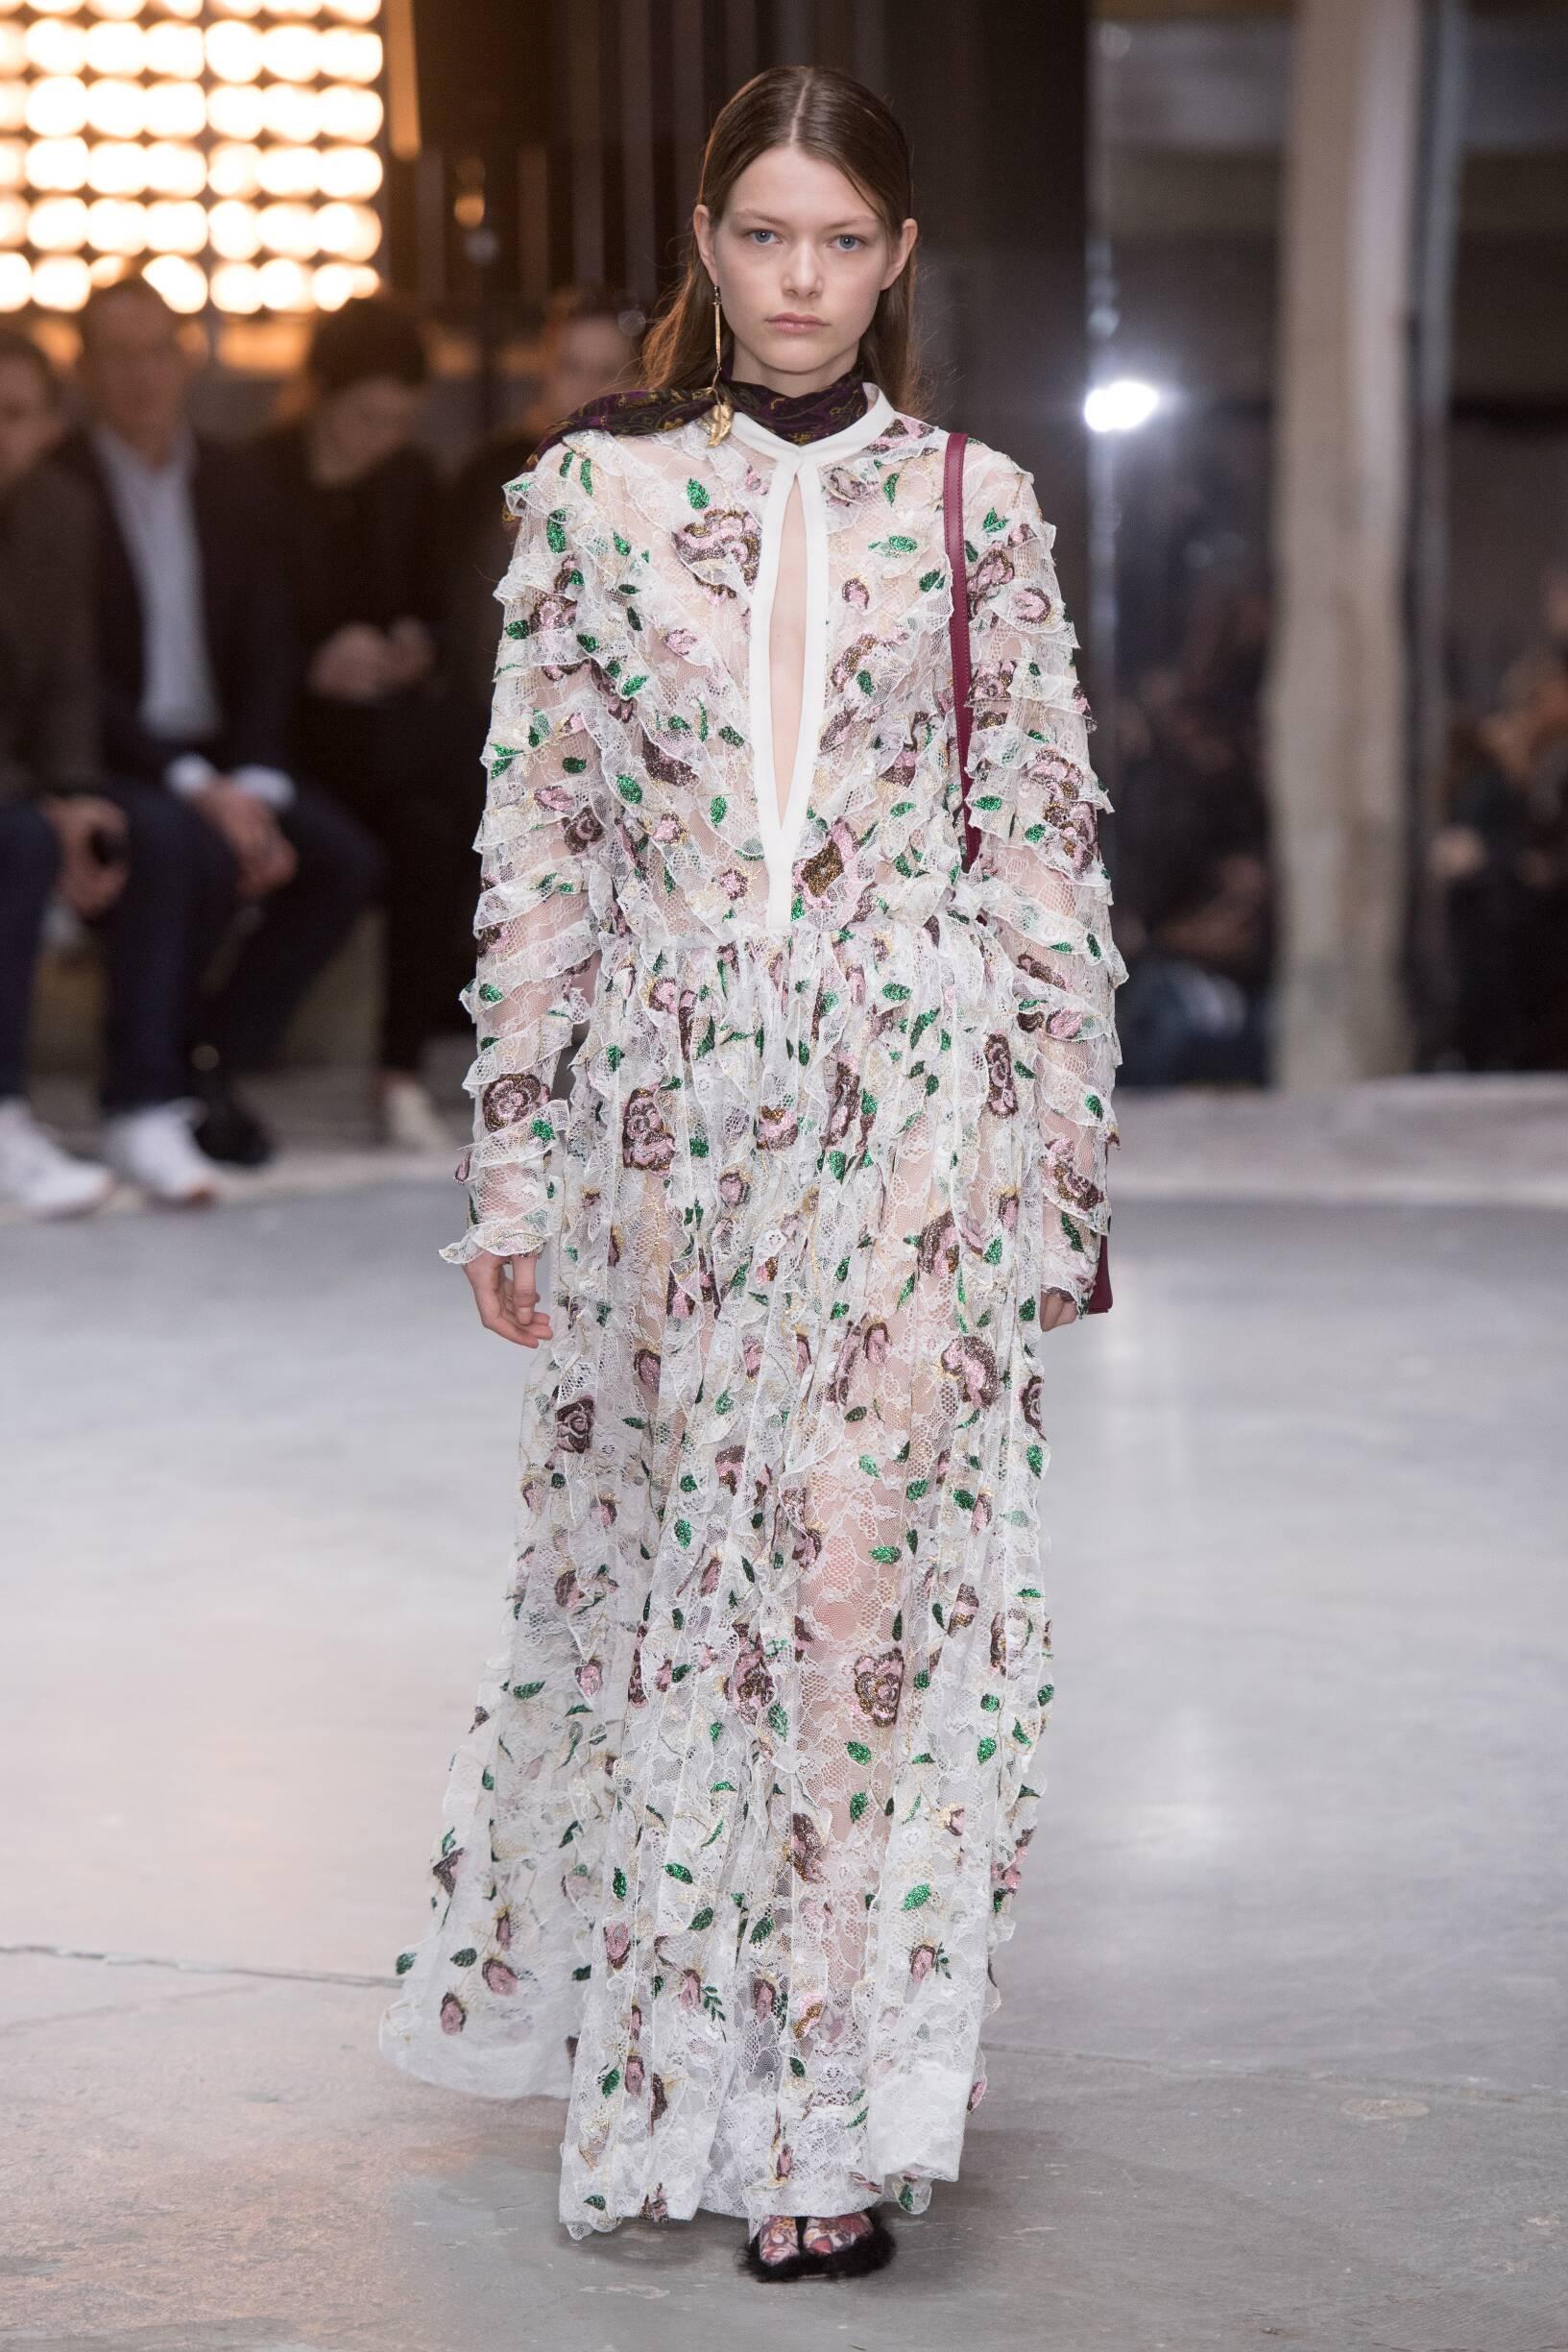 Giambattista Valli Woman Style 2018